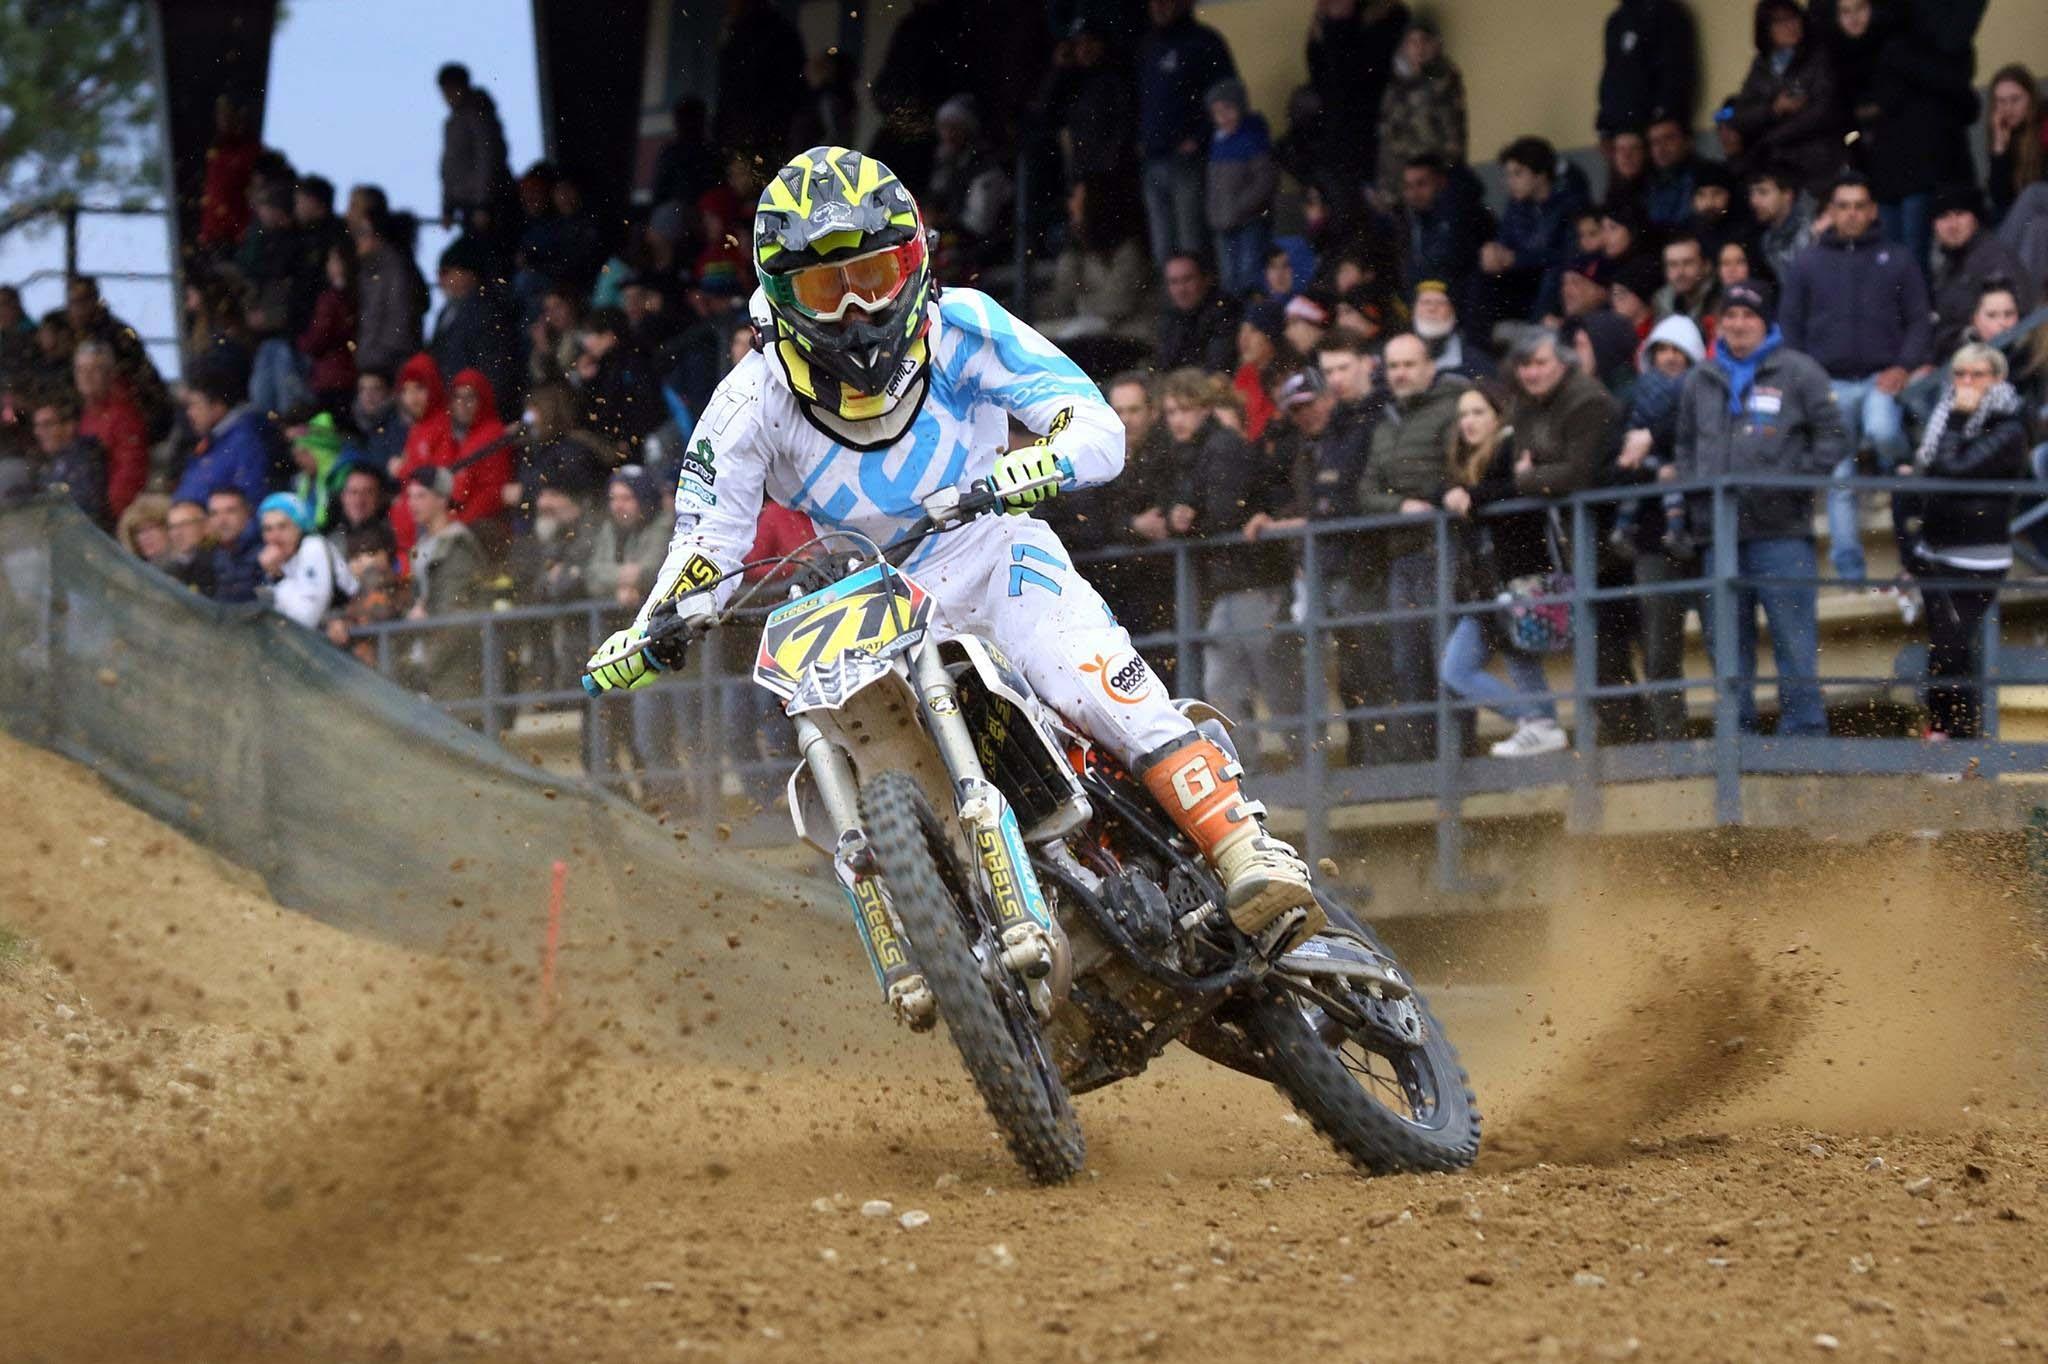 Settimo posto per Steels ai Campionati Italiani Junior